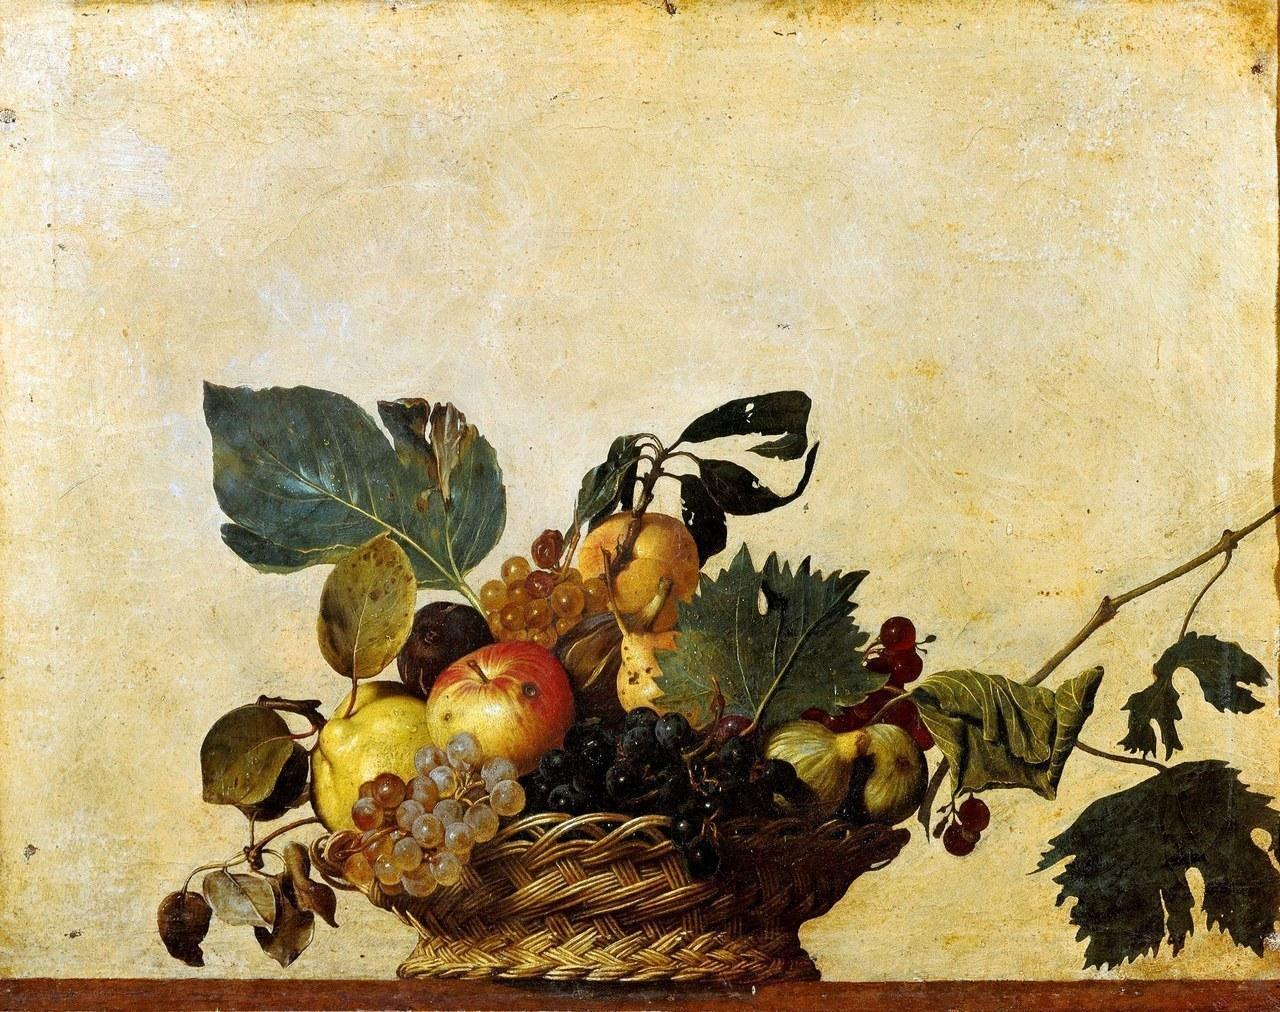 Caravaggio, Canestra di frutta, olio su tela, 1599 ca.